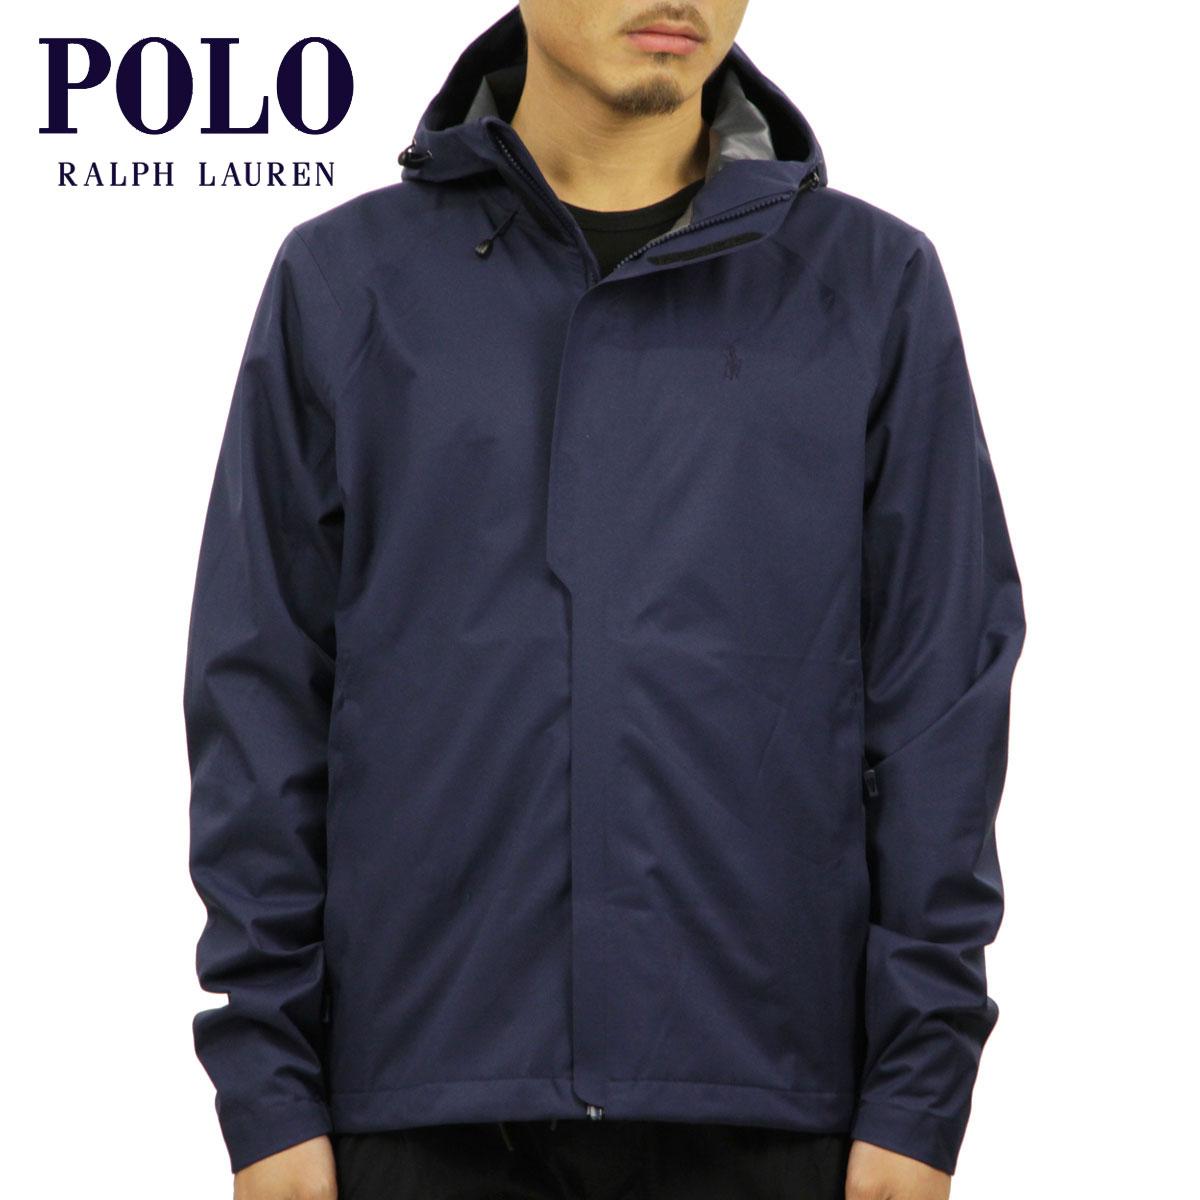 c493289de443 Polo Ralph Lauren POLO RALPH LAUREN regular article men nylon jacket POLO  FLEECE HOODIE